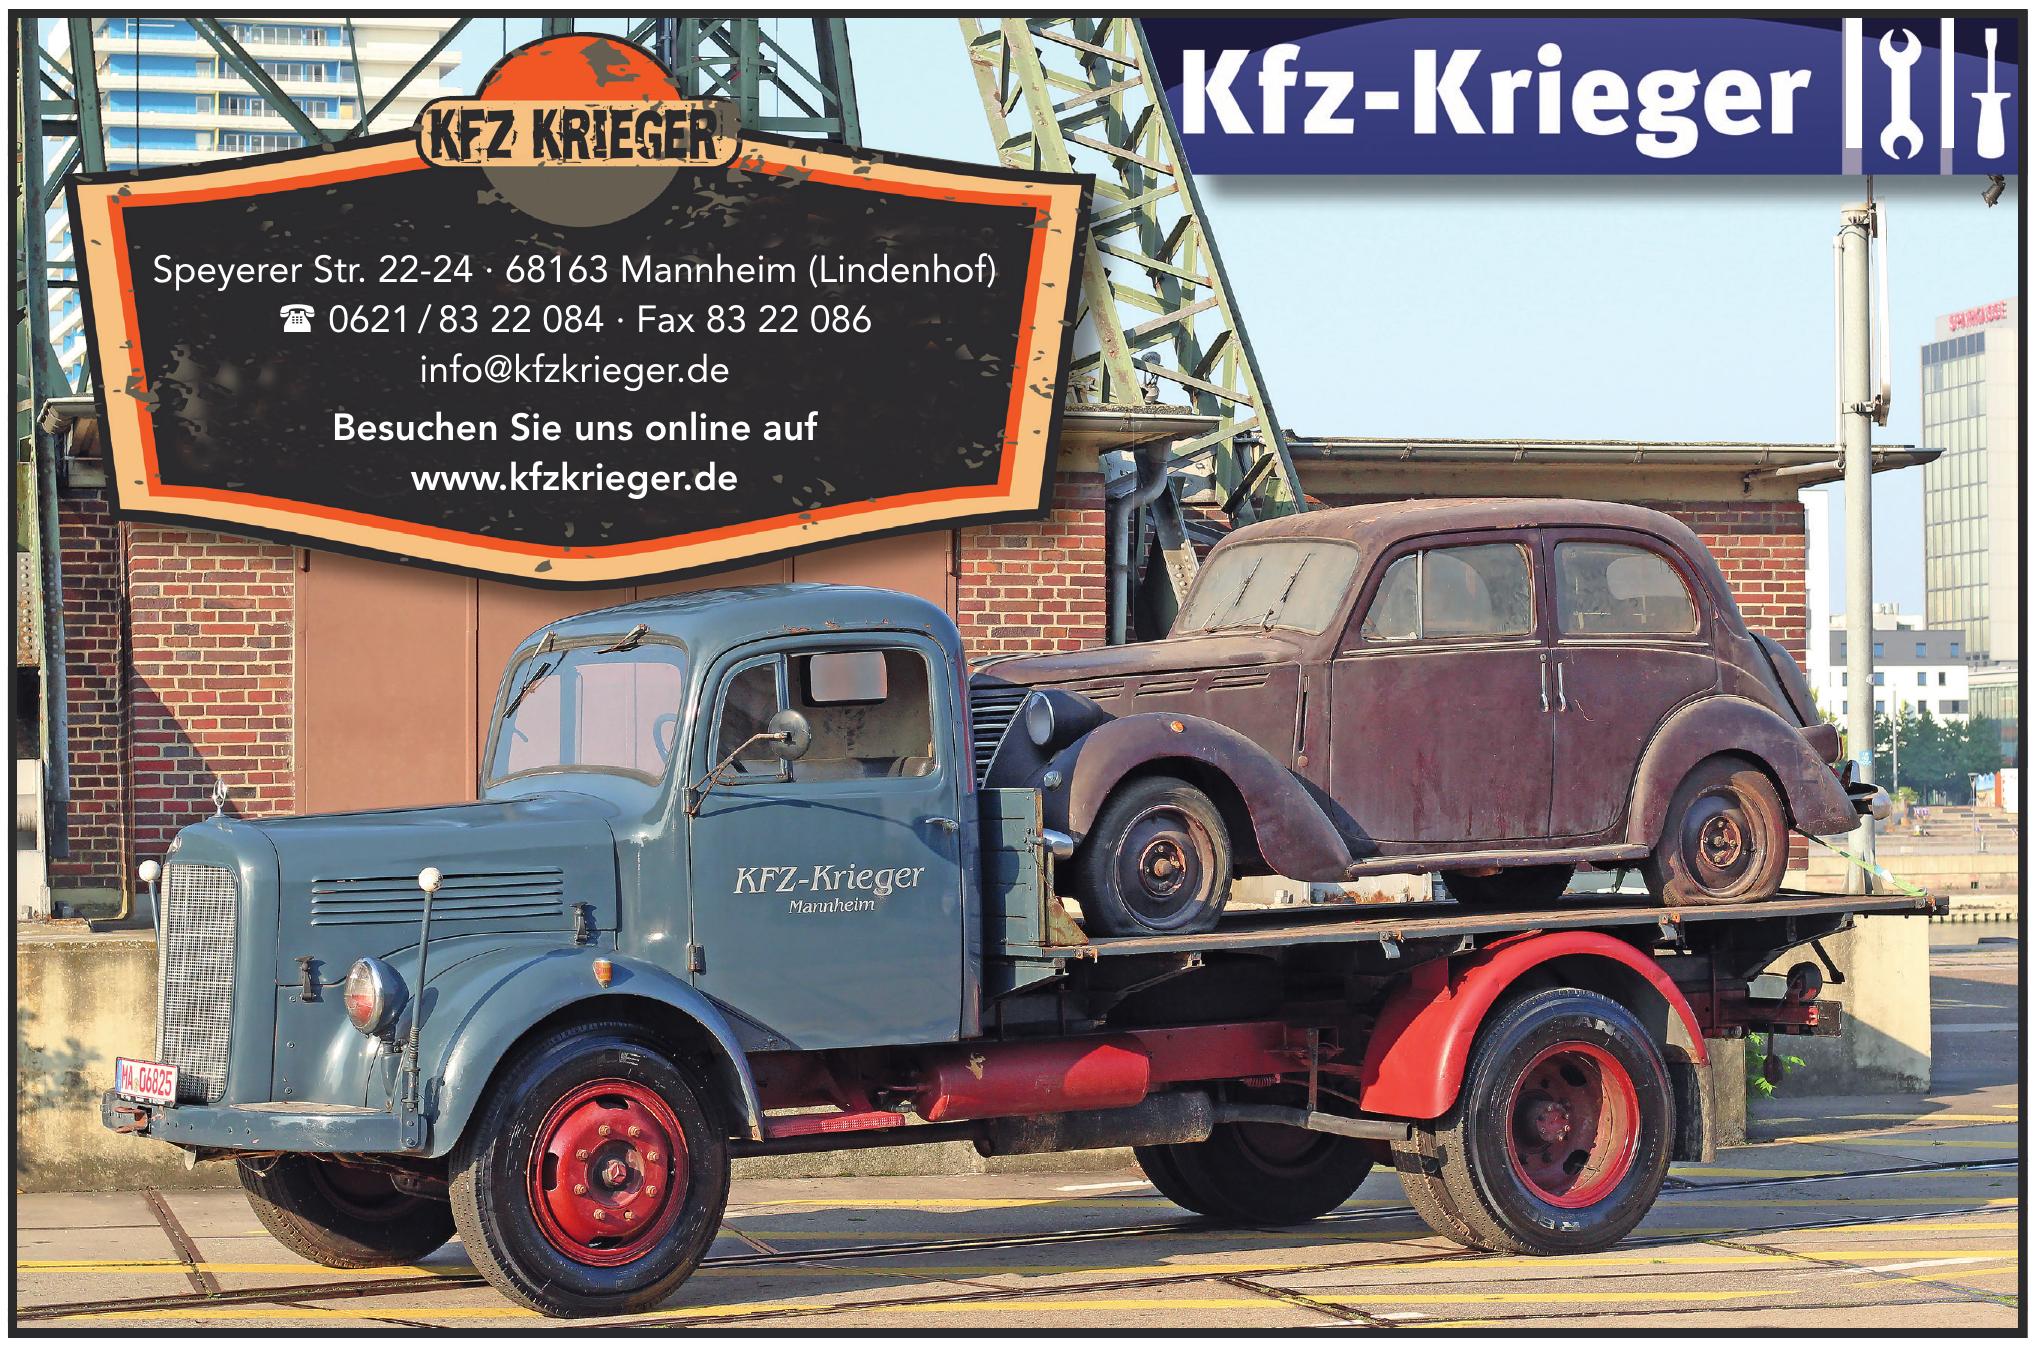 Kfz-Krieger